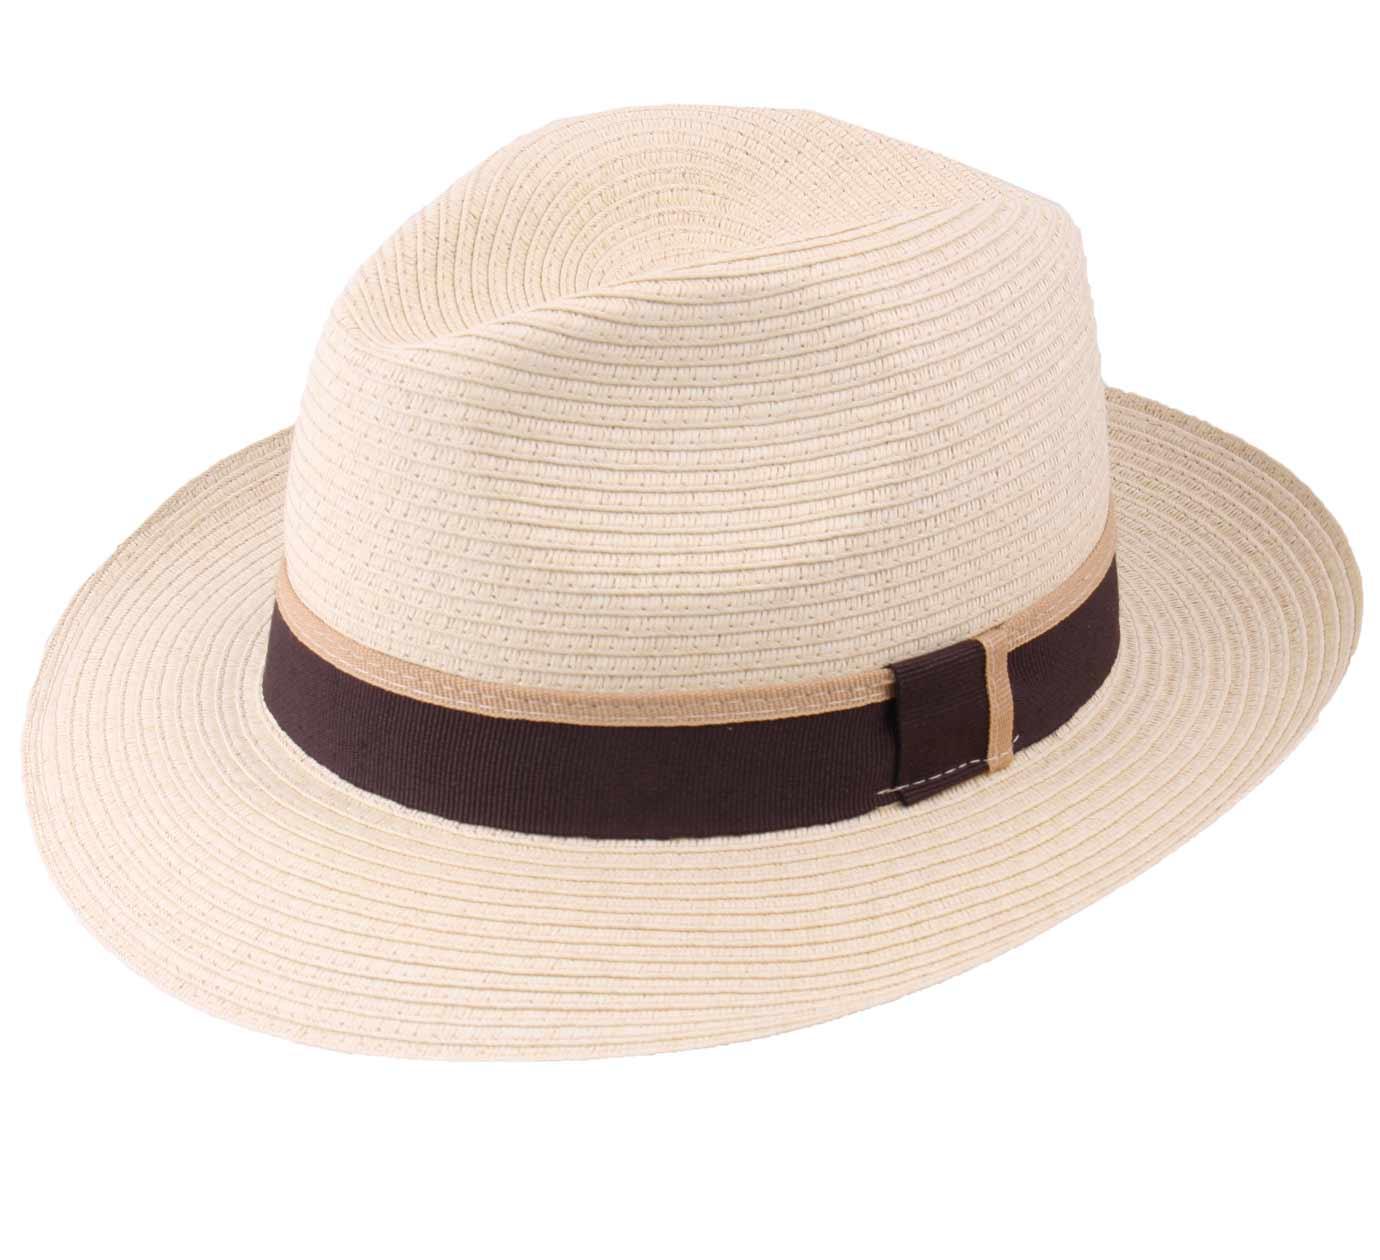 Chapeau panama homme ou femme Classic Paille Large creme-marron